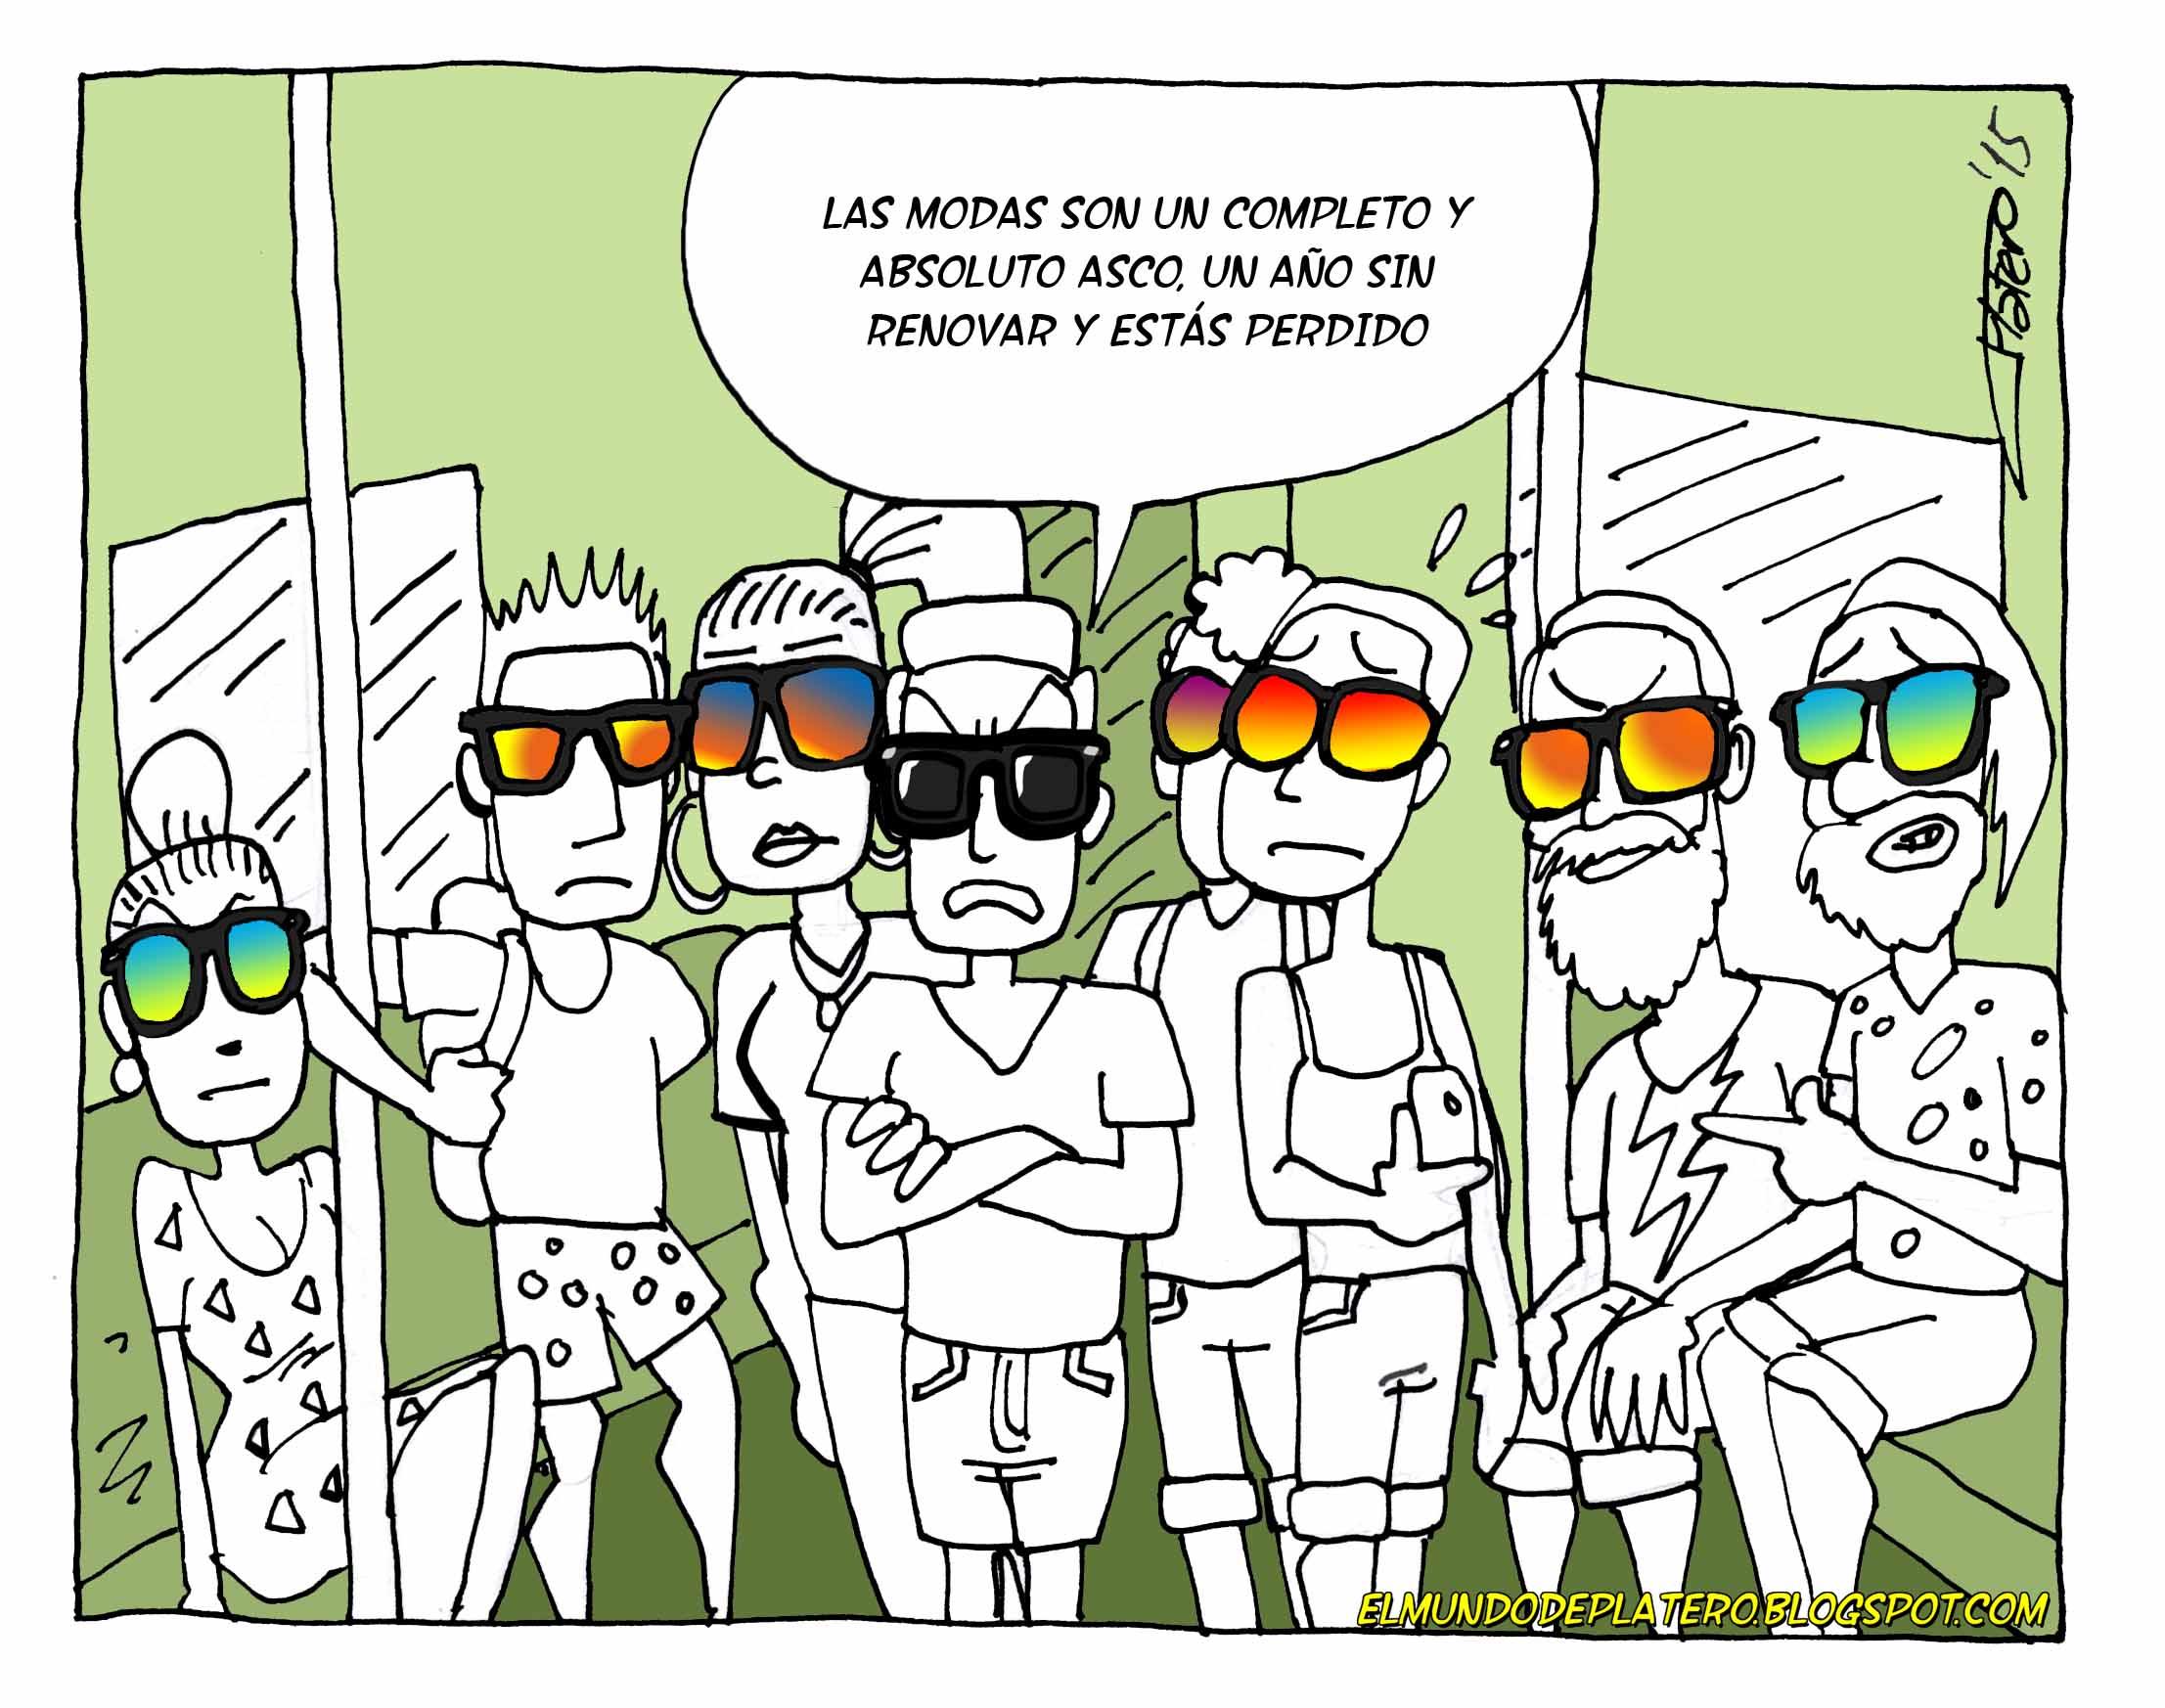 La_moda_2015_es_un_asco_gafas_con_cristales_polarizados_cómic_josé_luis_platero_